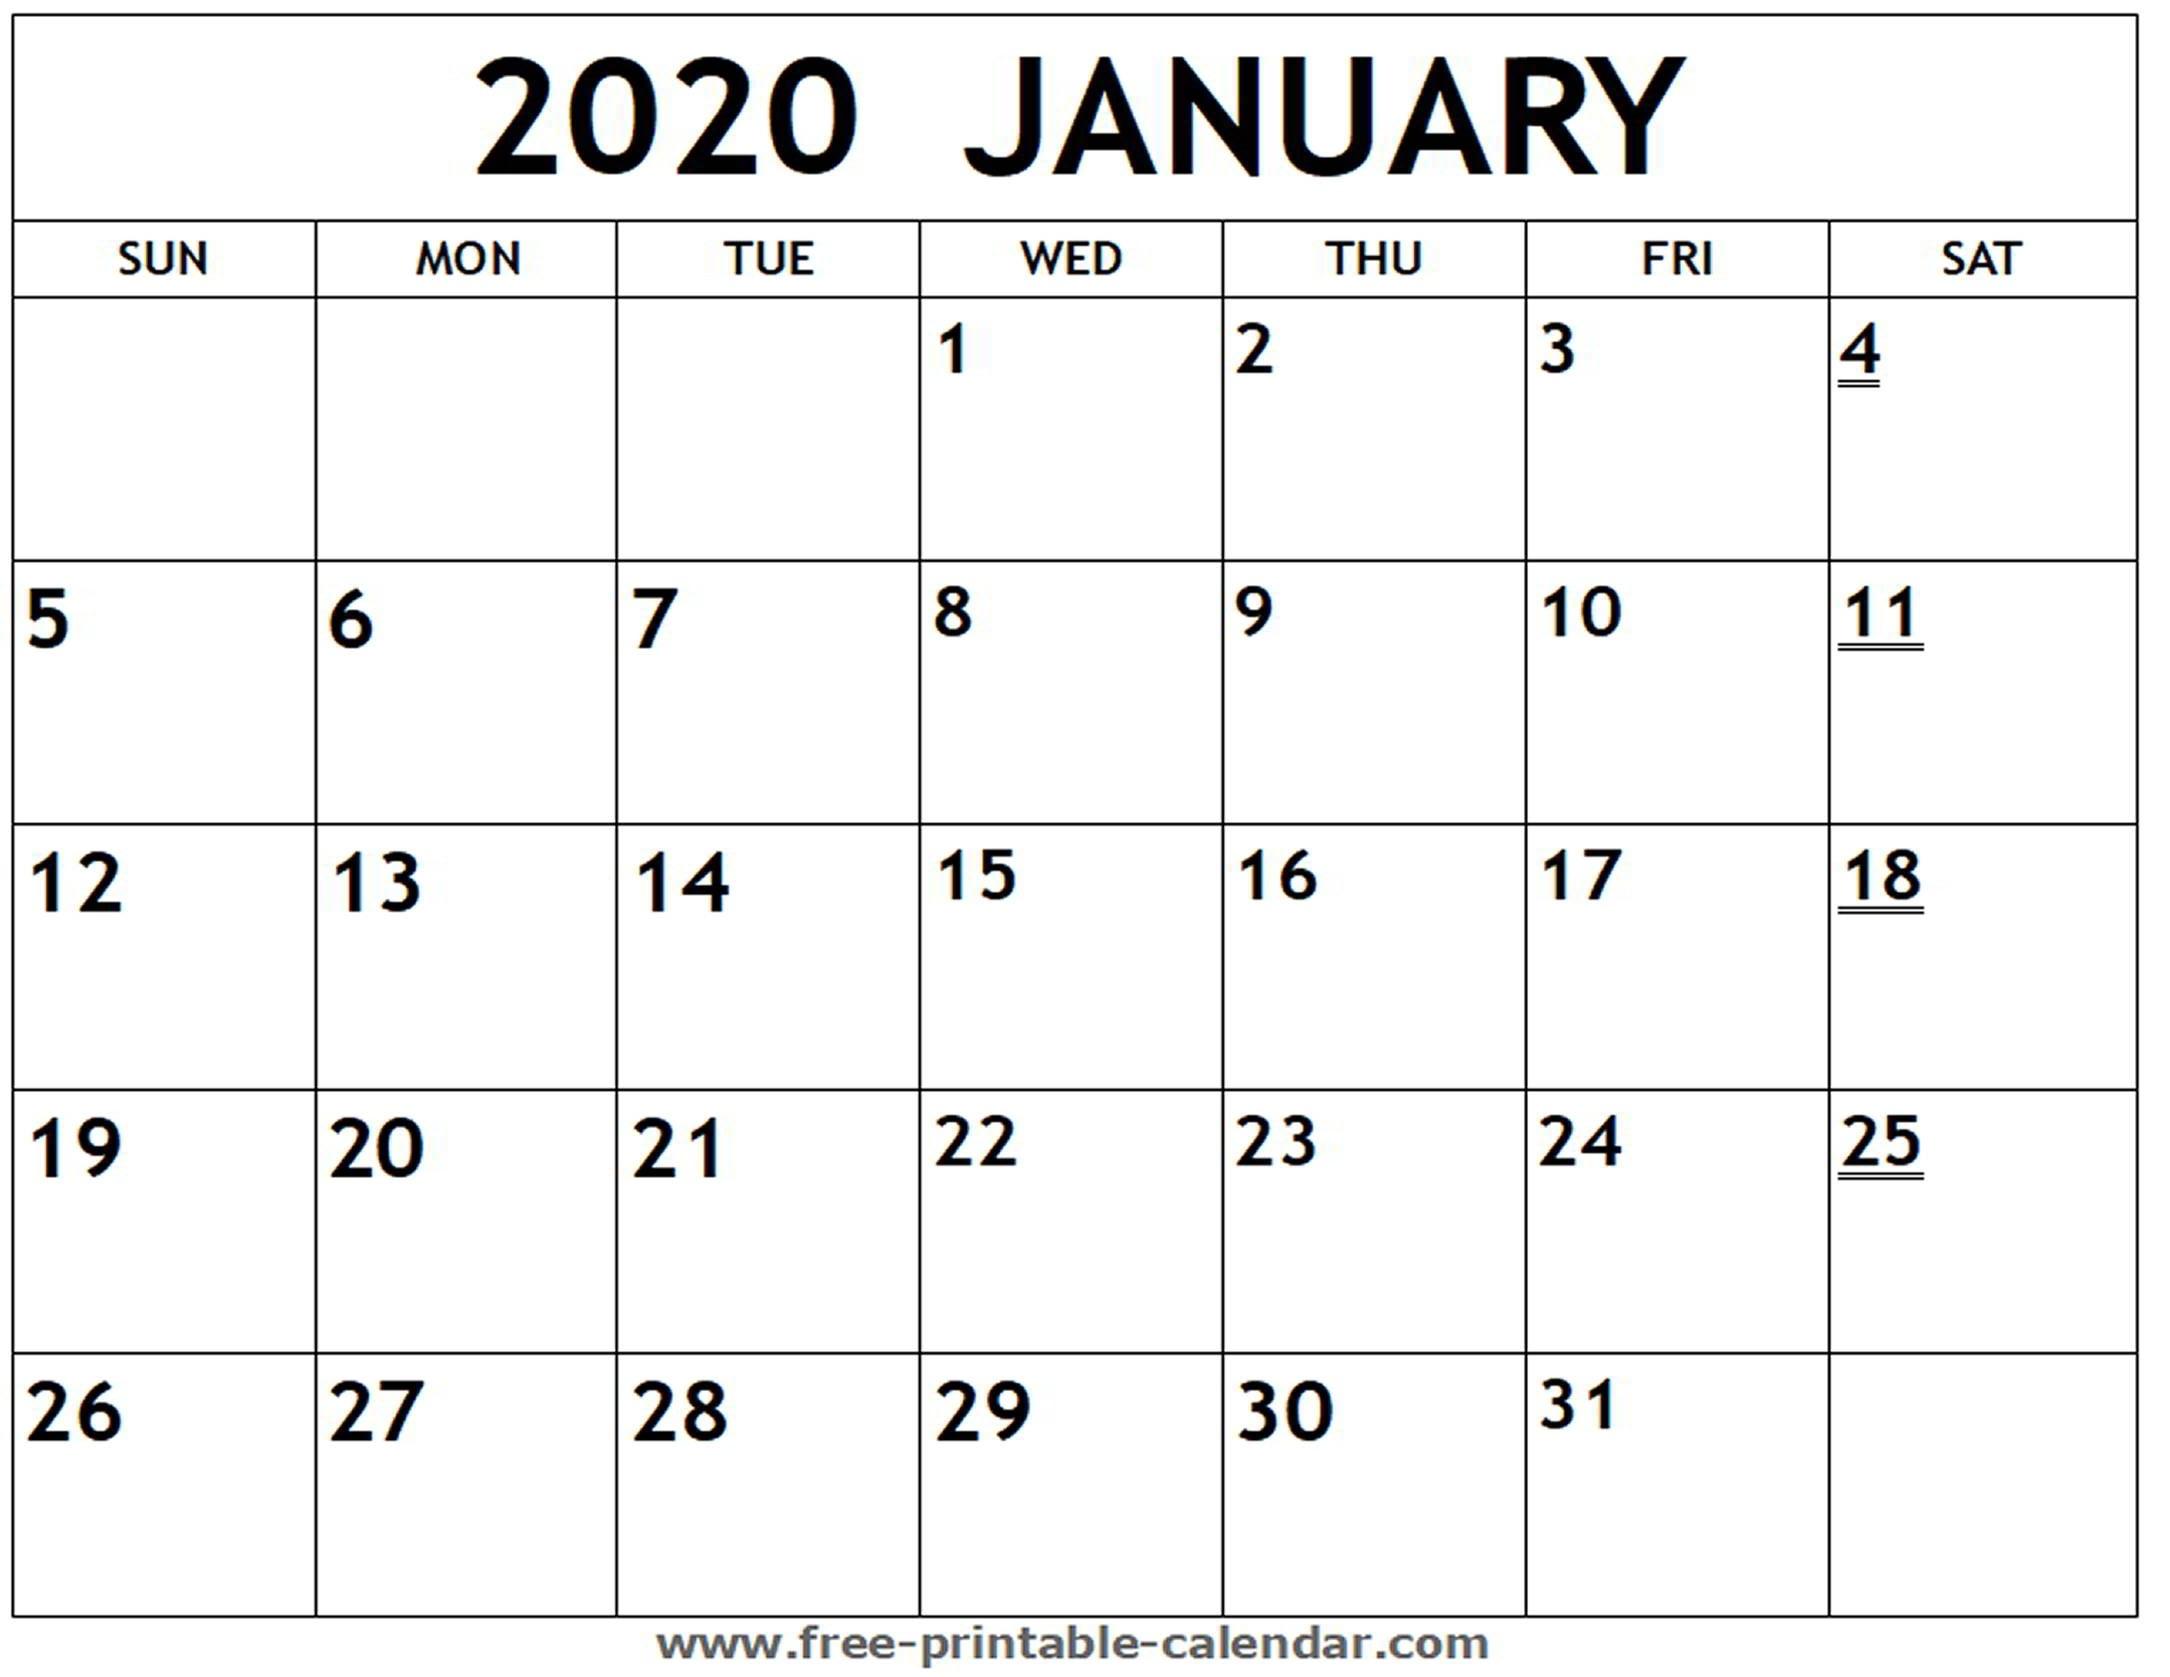 Printable 2020 January Calendar - Free-Printable-Calendar  Free Printable Calendars 2020 Monthly